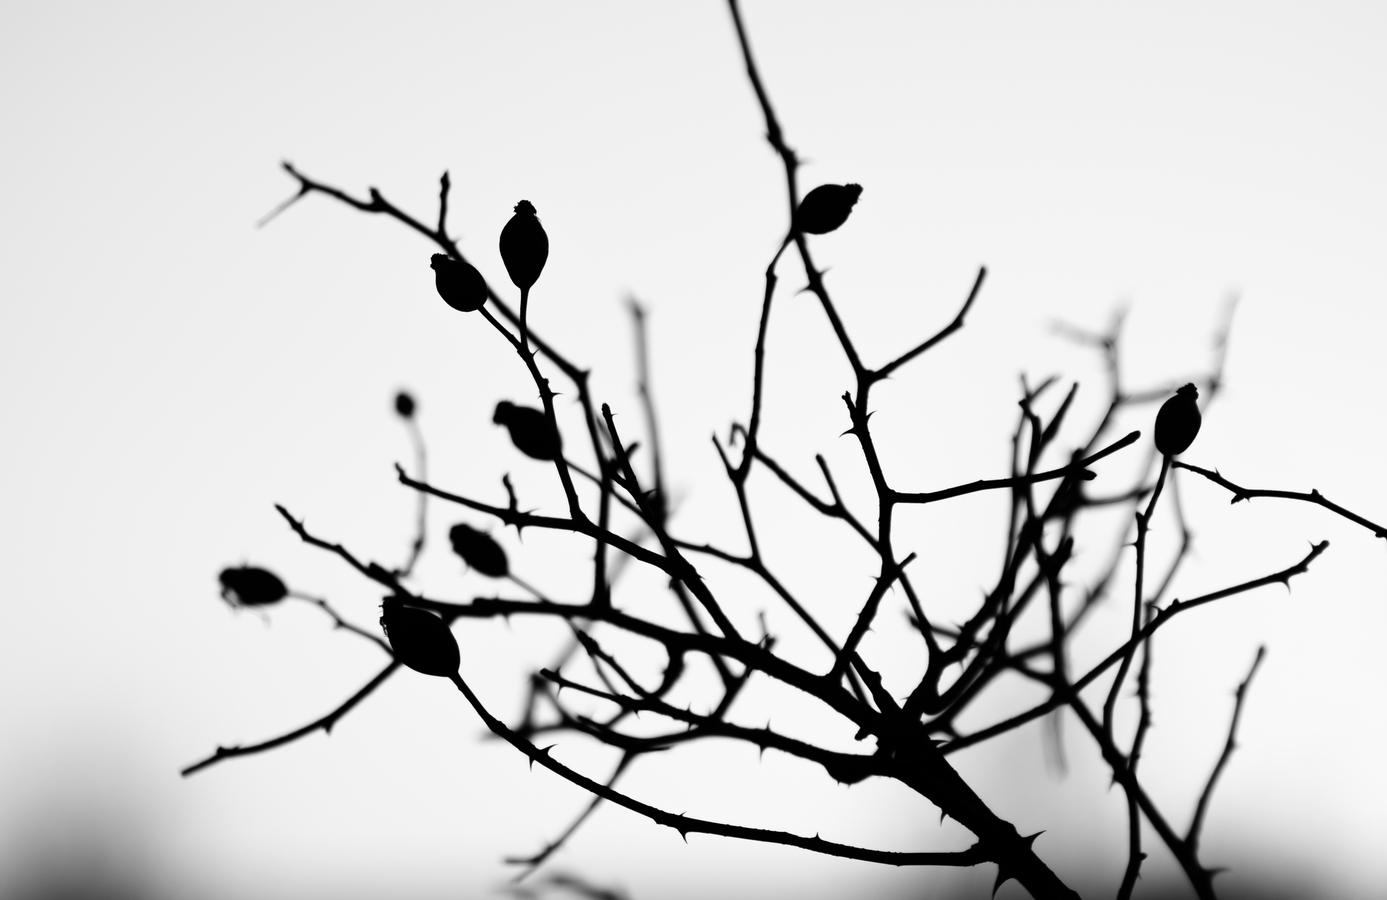 Podzim odchází, zima se blíží